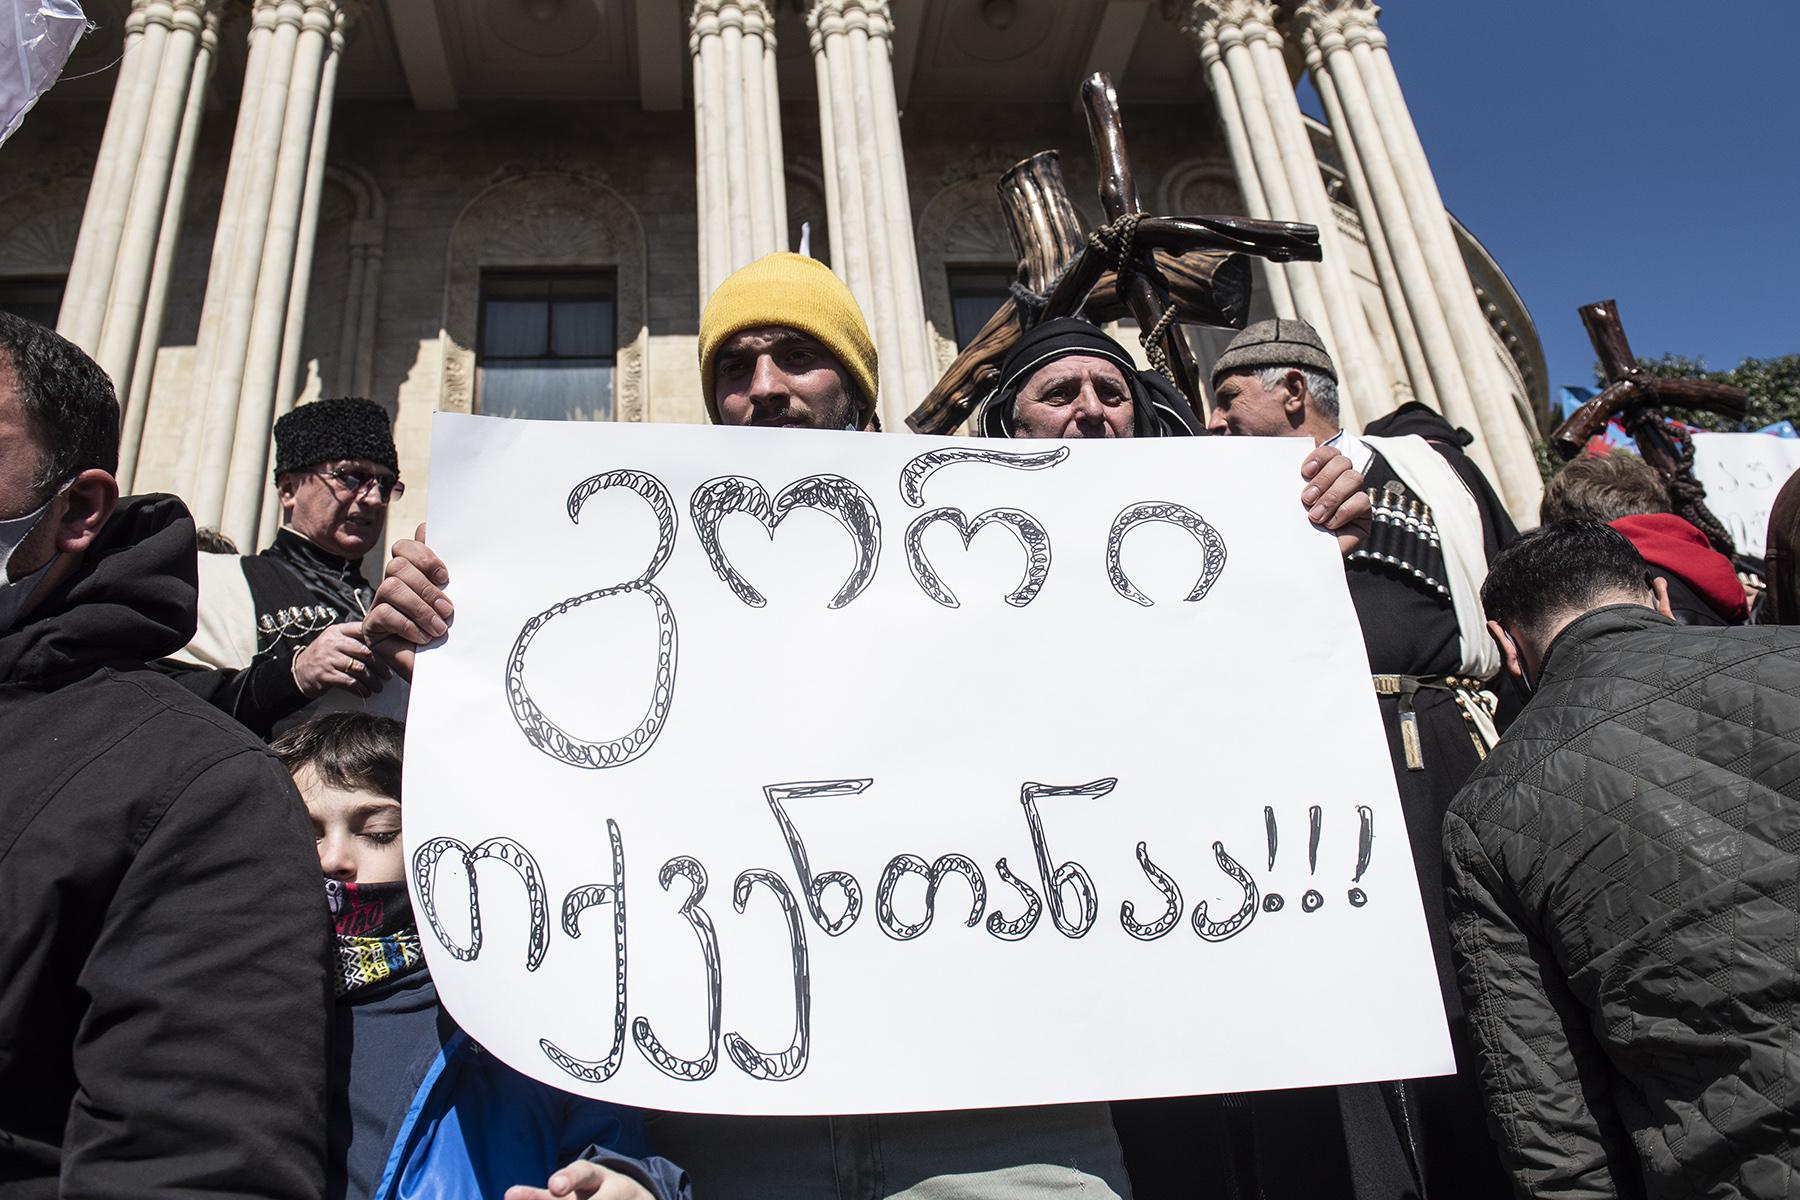 Постер: «Гори с вами».  Фото: Мариам Никурадзе/OC Media